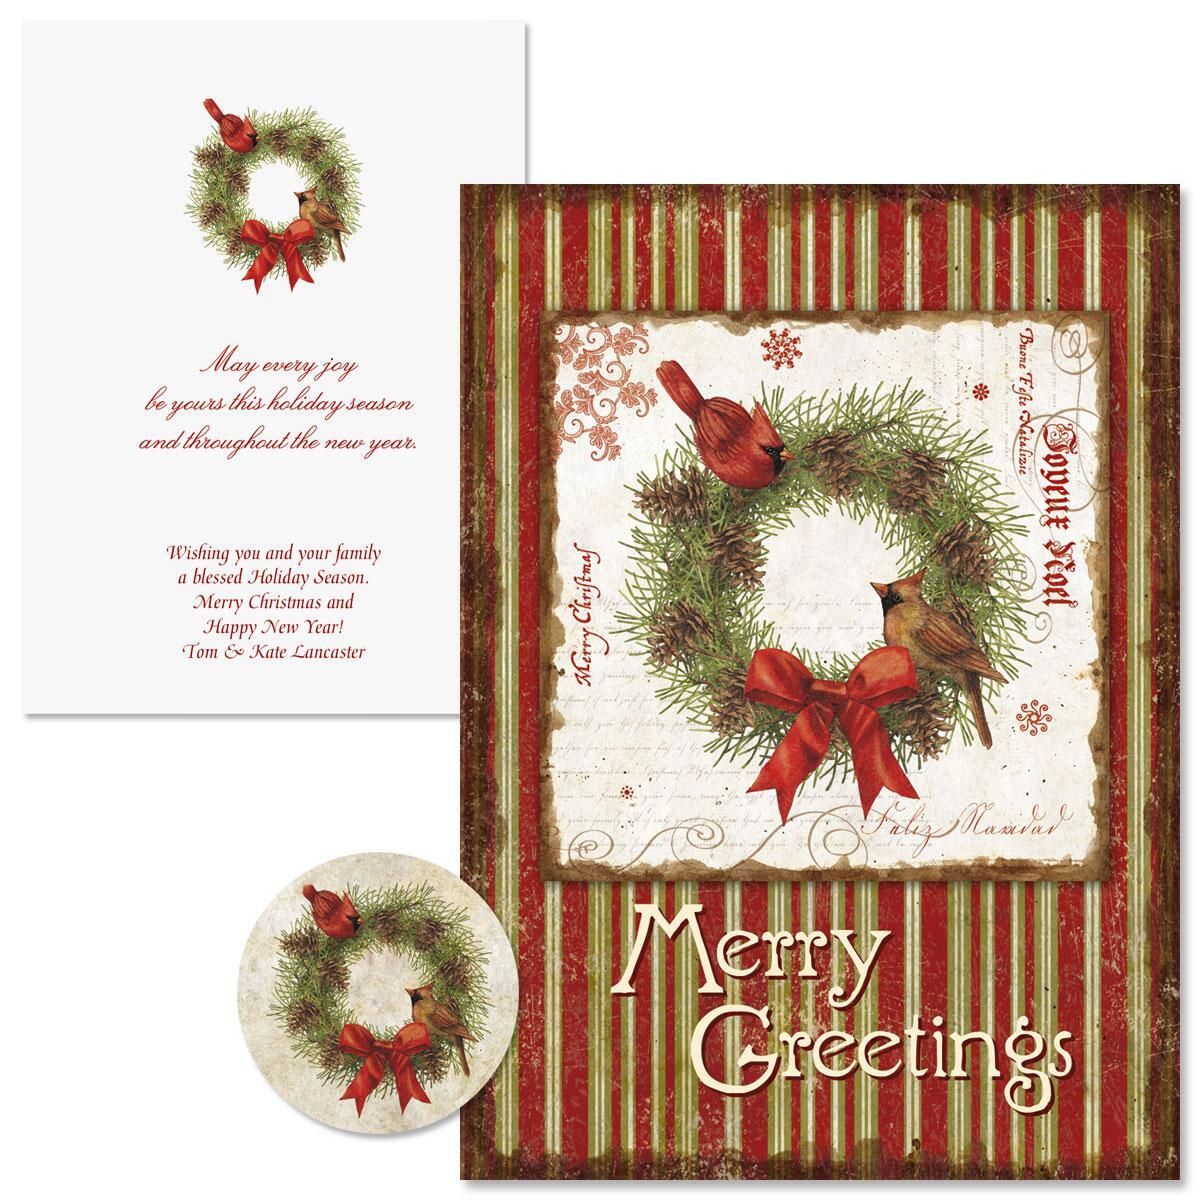 Joyelle Christmas Cards - Nonpersonalized